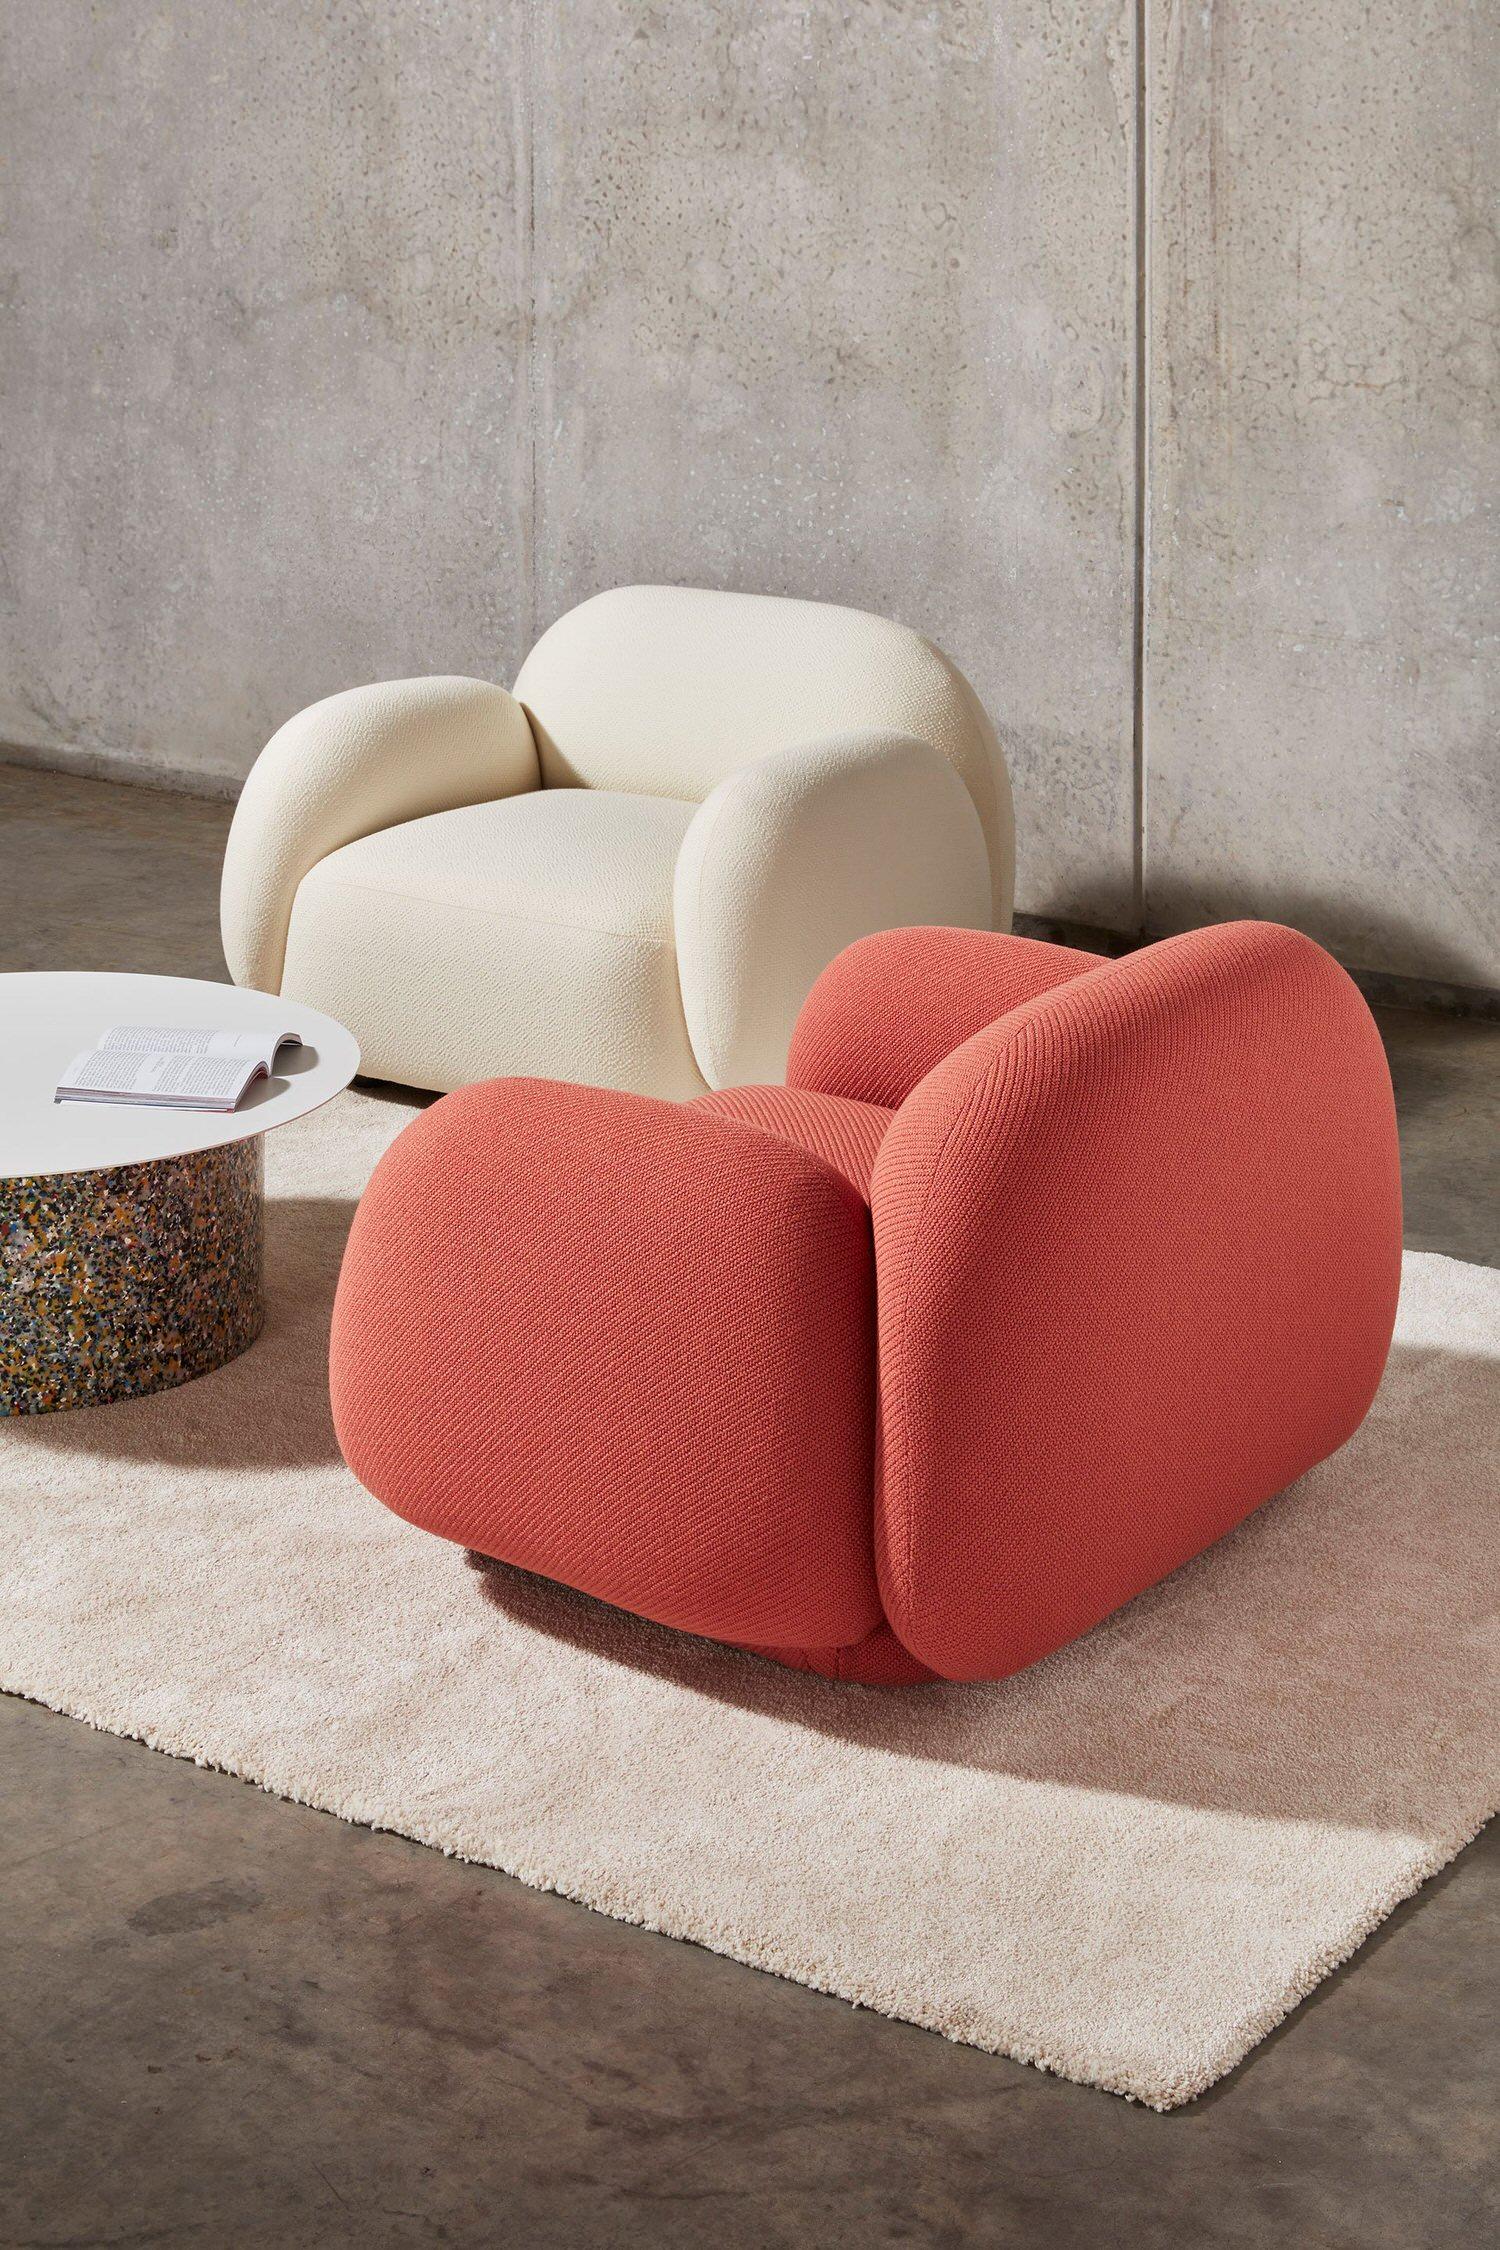 DesignByThem Sundae Armchair, Confetti Coffee Table, Australian Design   Yellowtrace